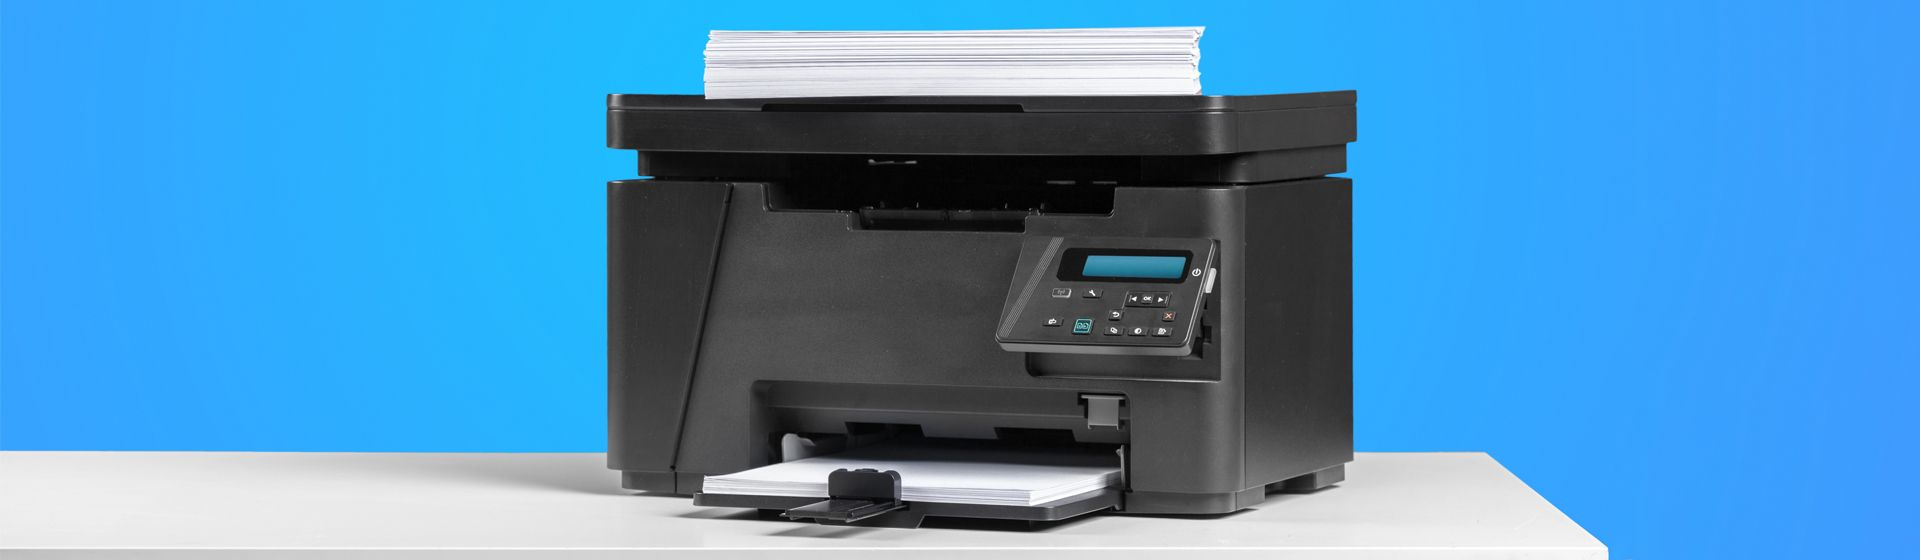 Melhor impressora HP em 2021: 5 multifuncionais para comprar